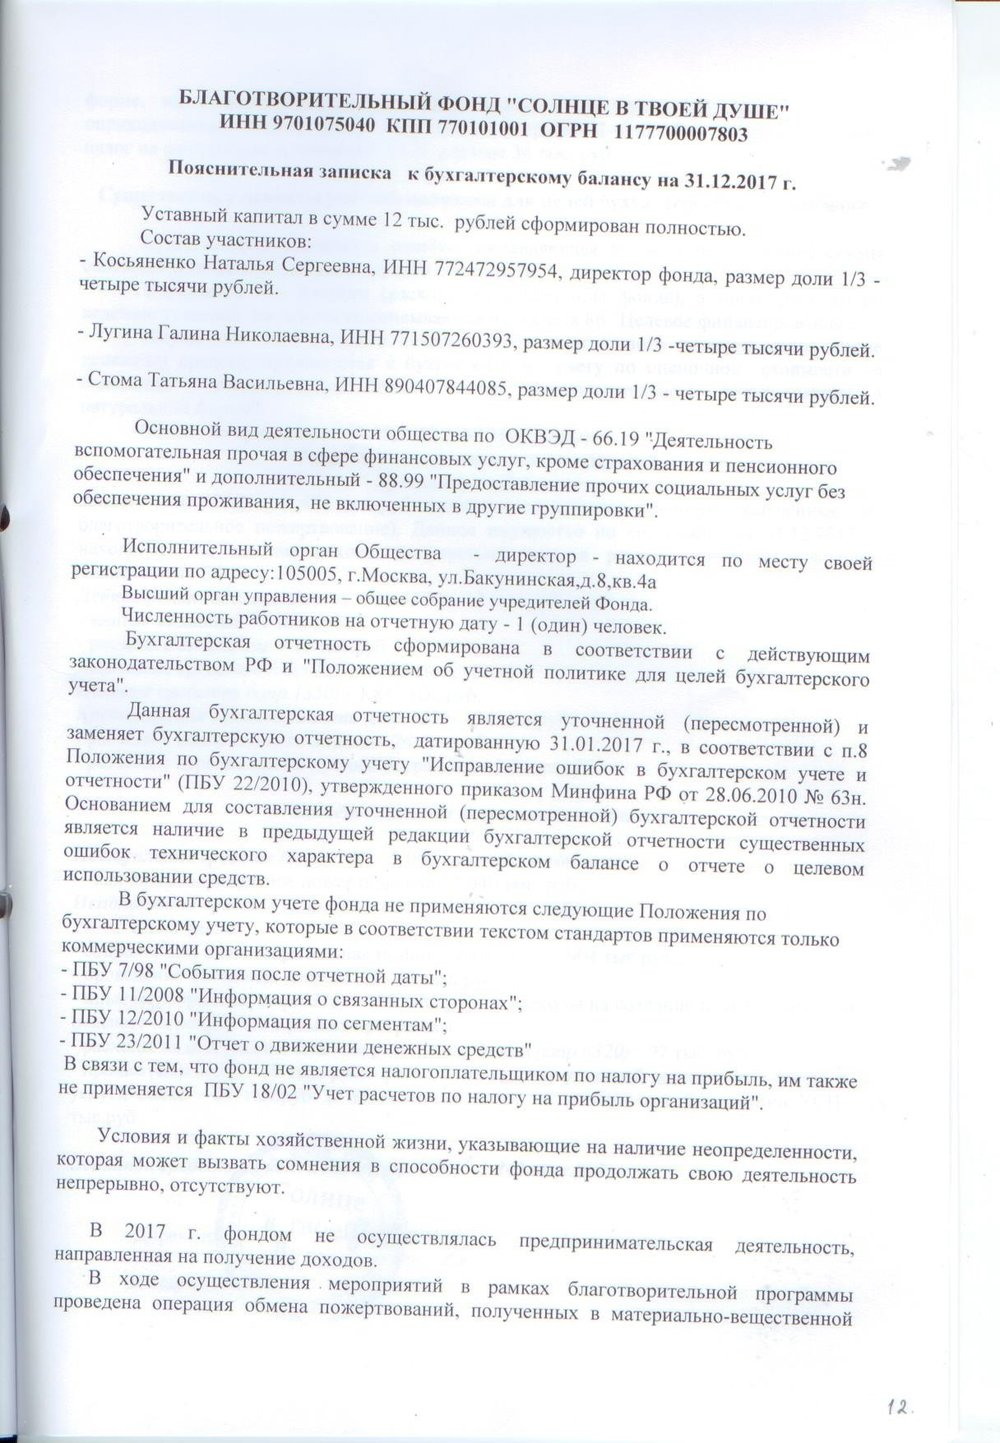 Скан_АУББ7.jpg